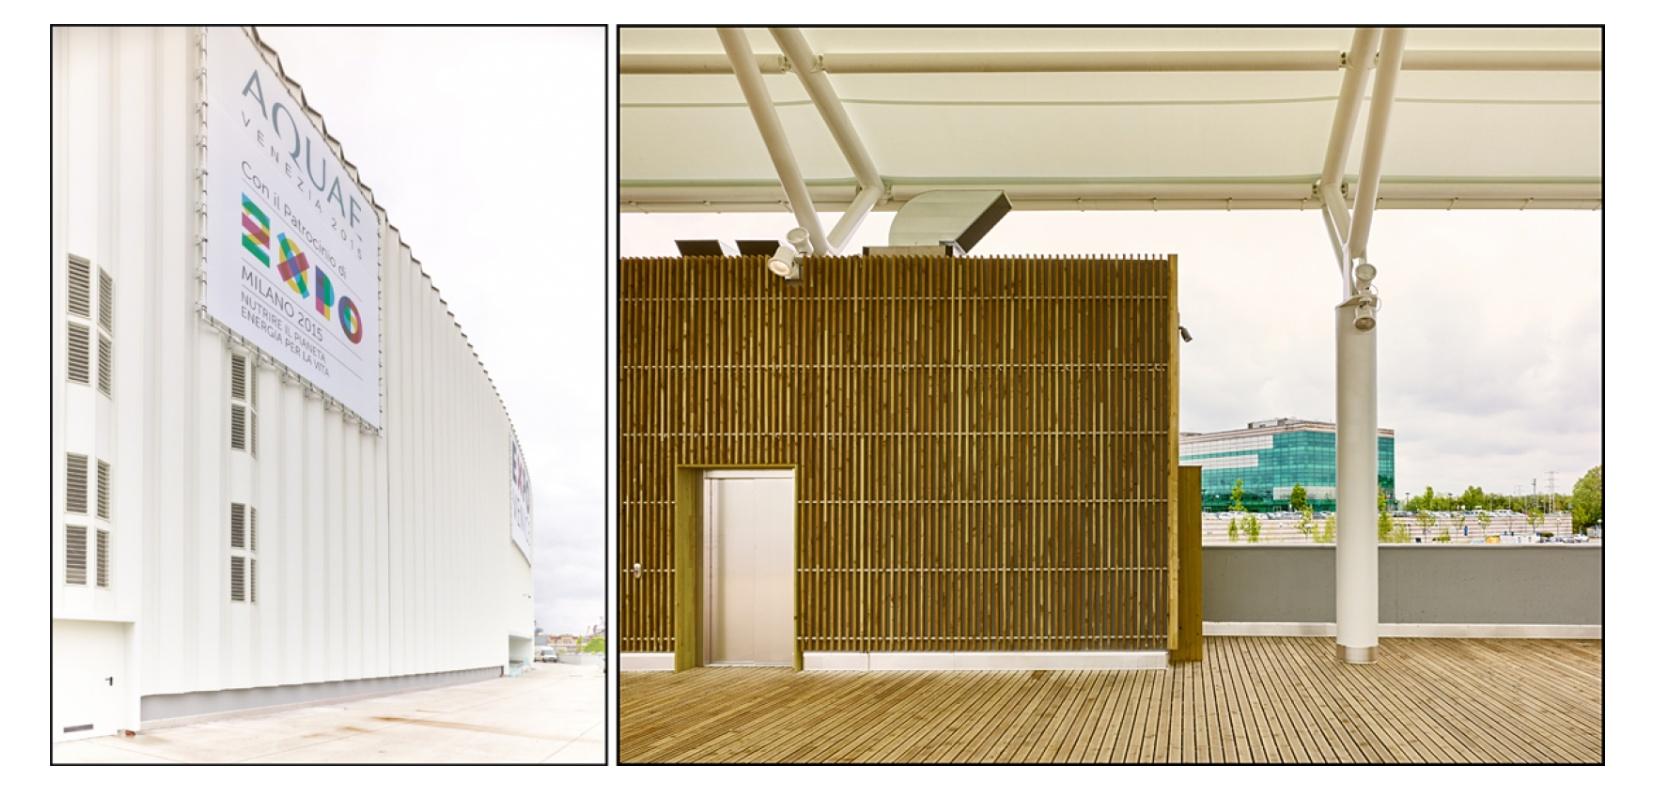 Padiglione Expo Aquae - Marghera (VE) - Arch. M. De Lucchi